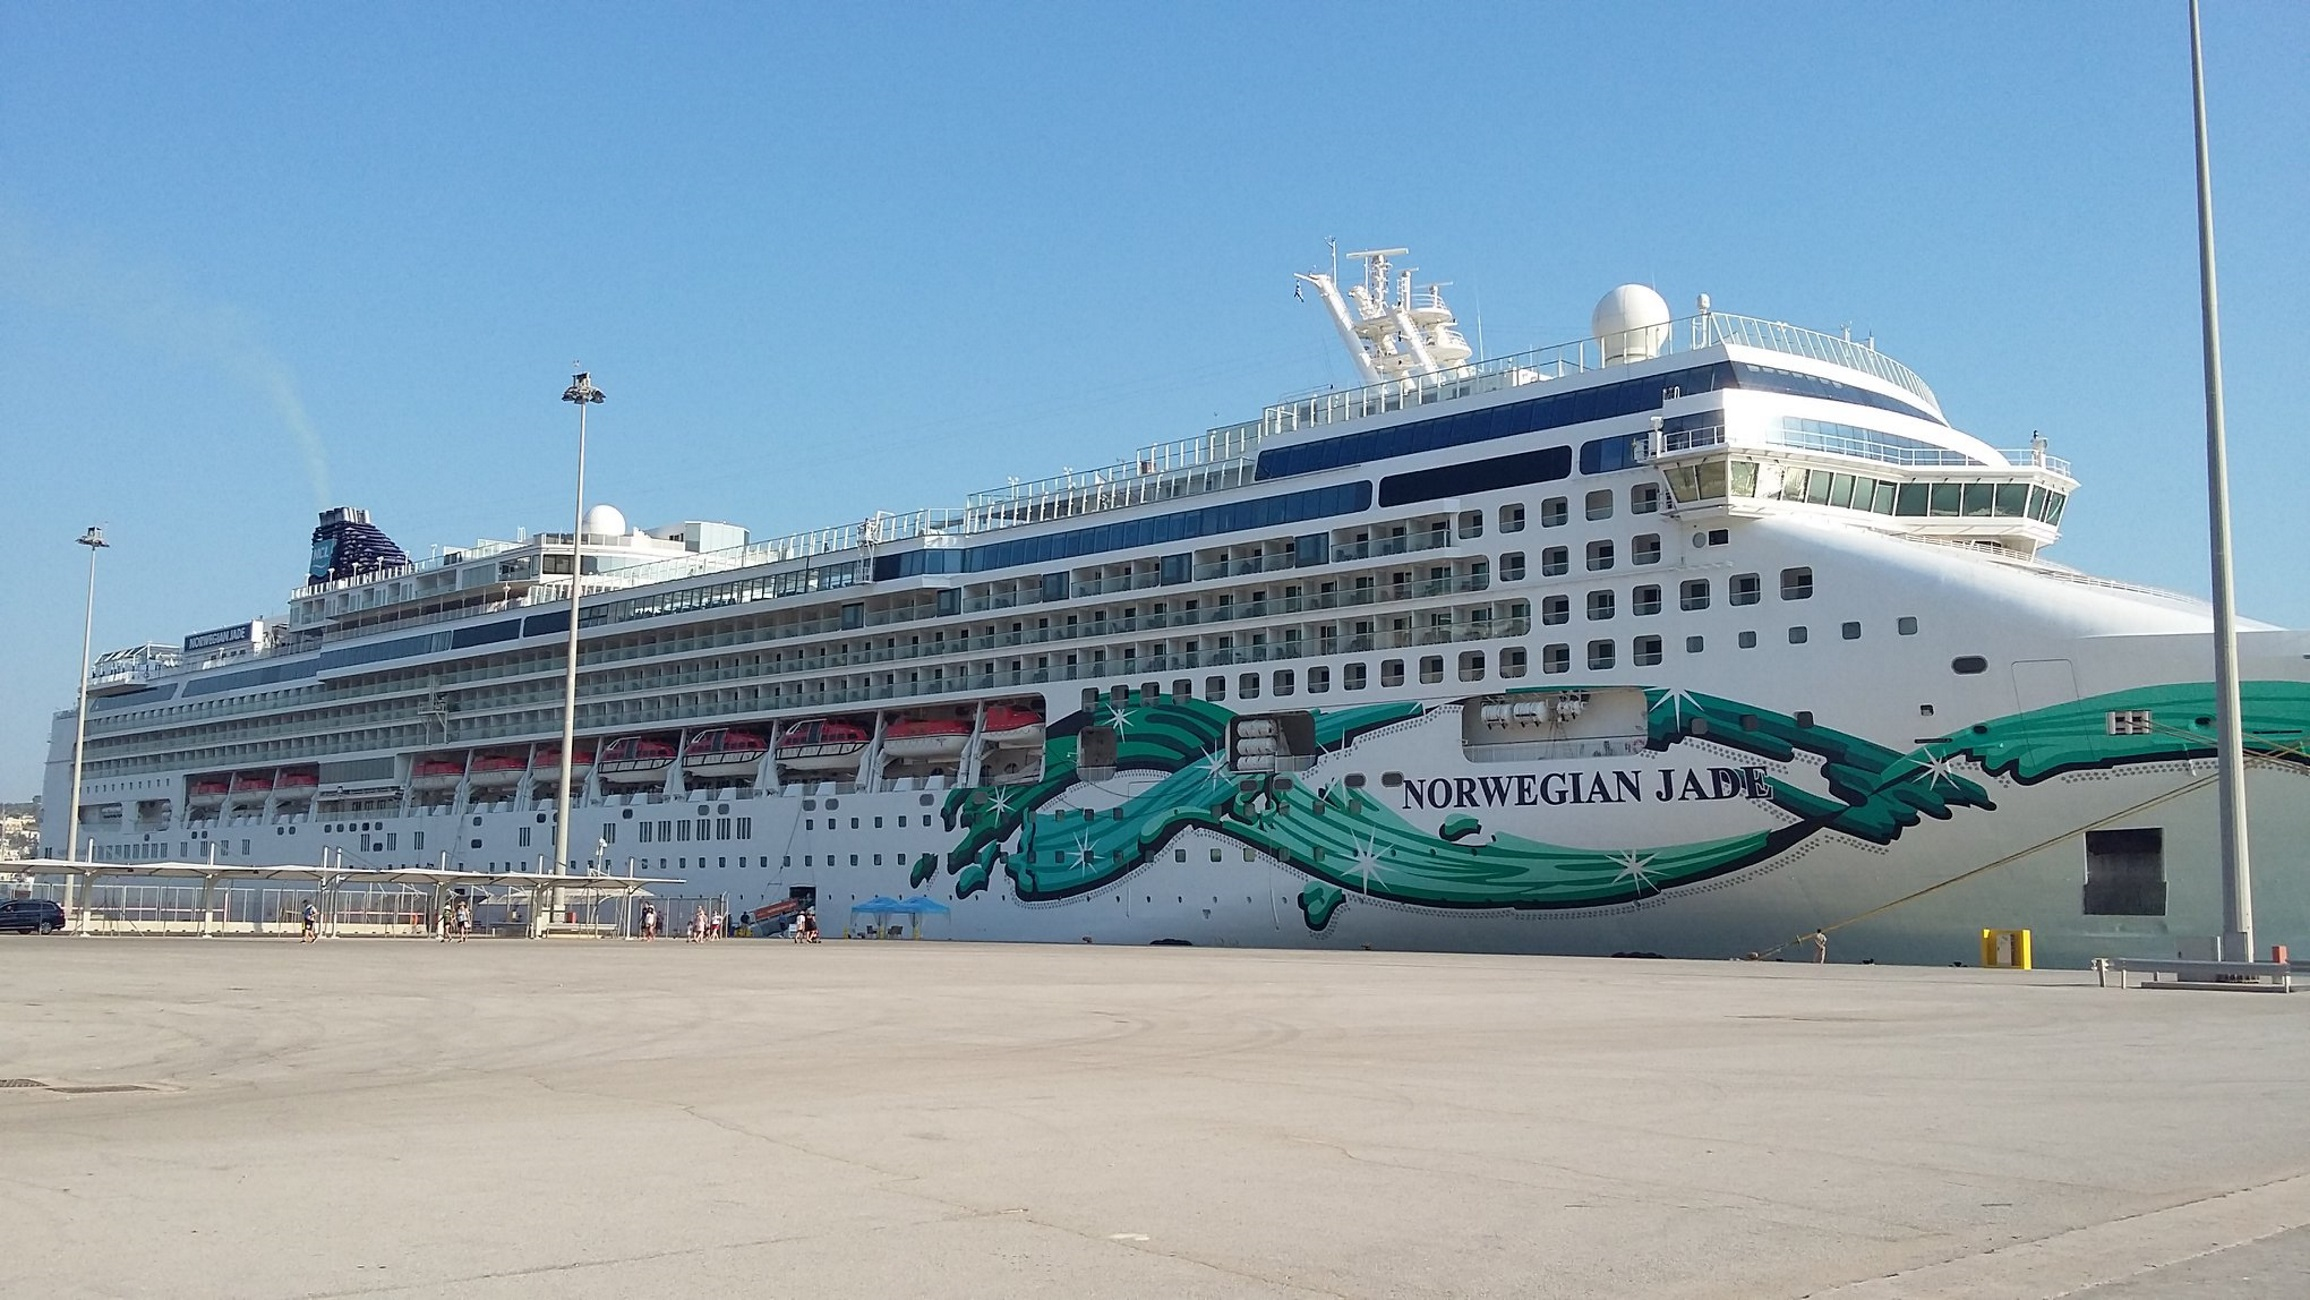 Δυο χλιδάτα κρουαζιερόπλοια στο λιμάνι της Σούδας - Πάνω από 3.600 τουρίστες στα Χανιά